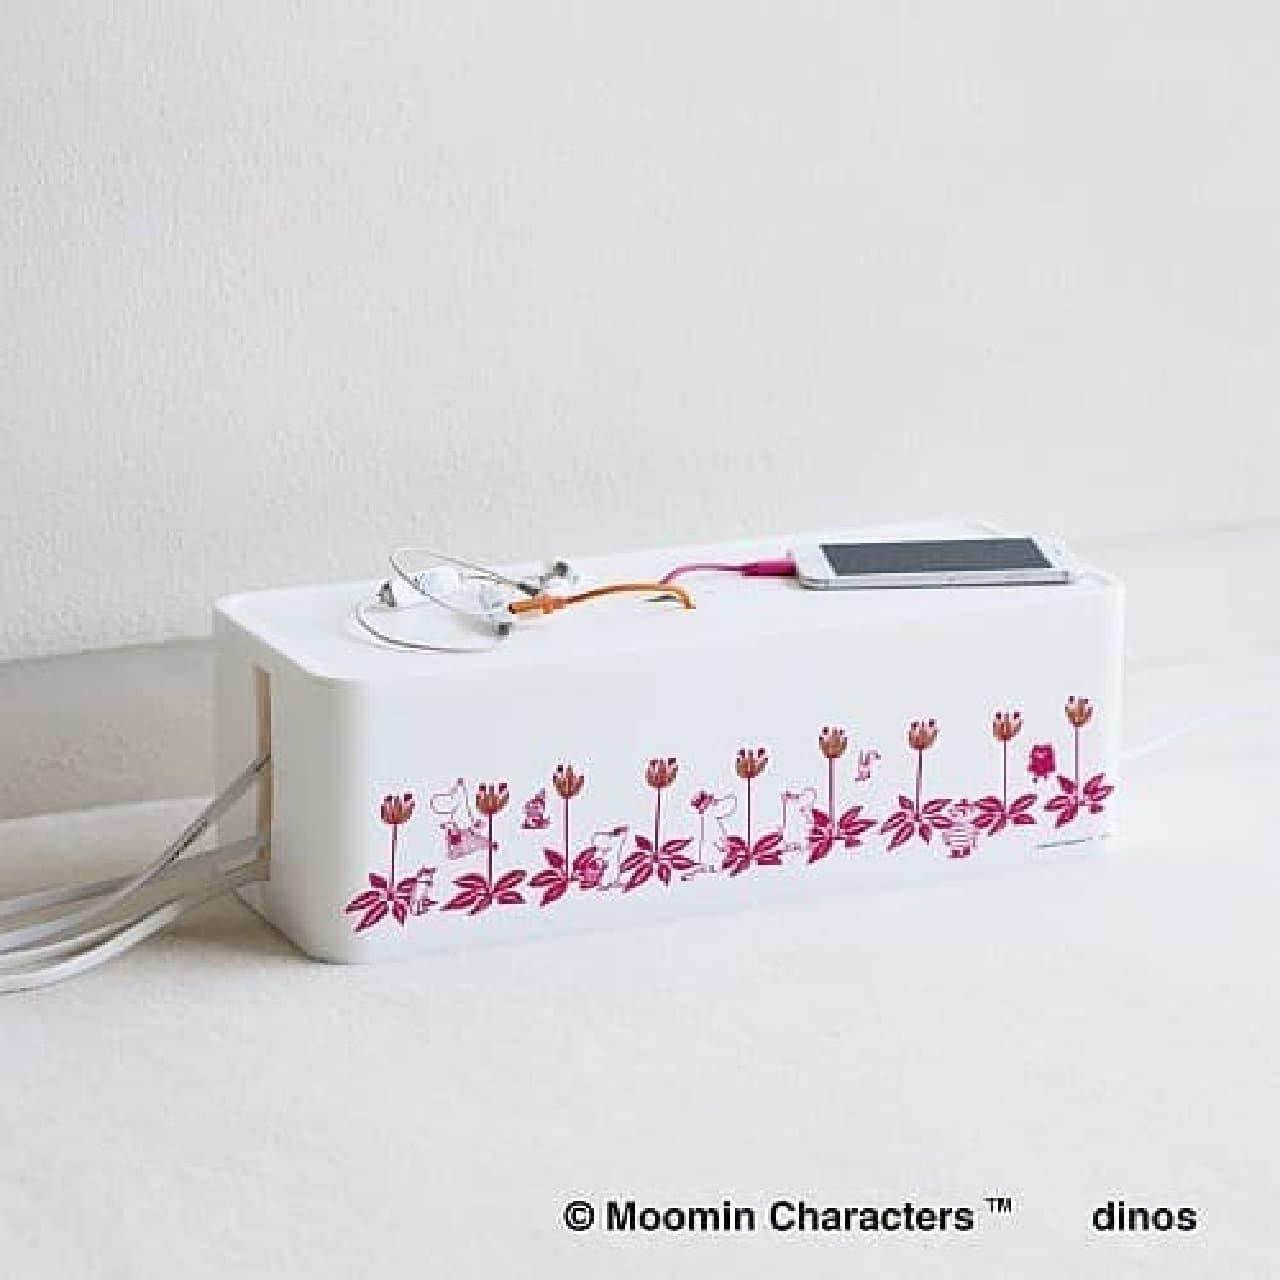 ムーミンをデザインしたディノスのインテリアアイテム